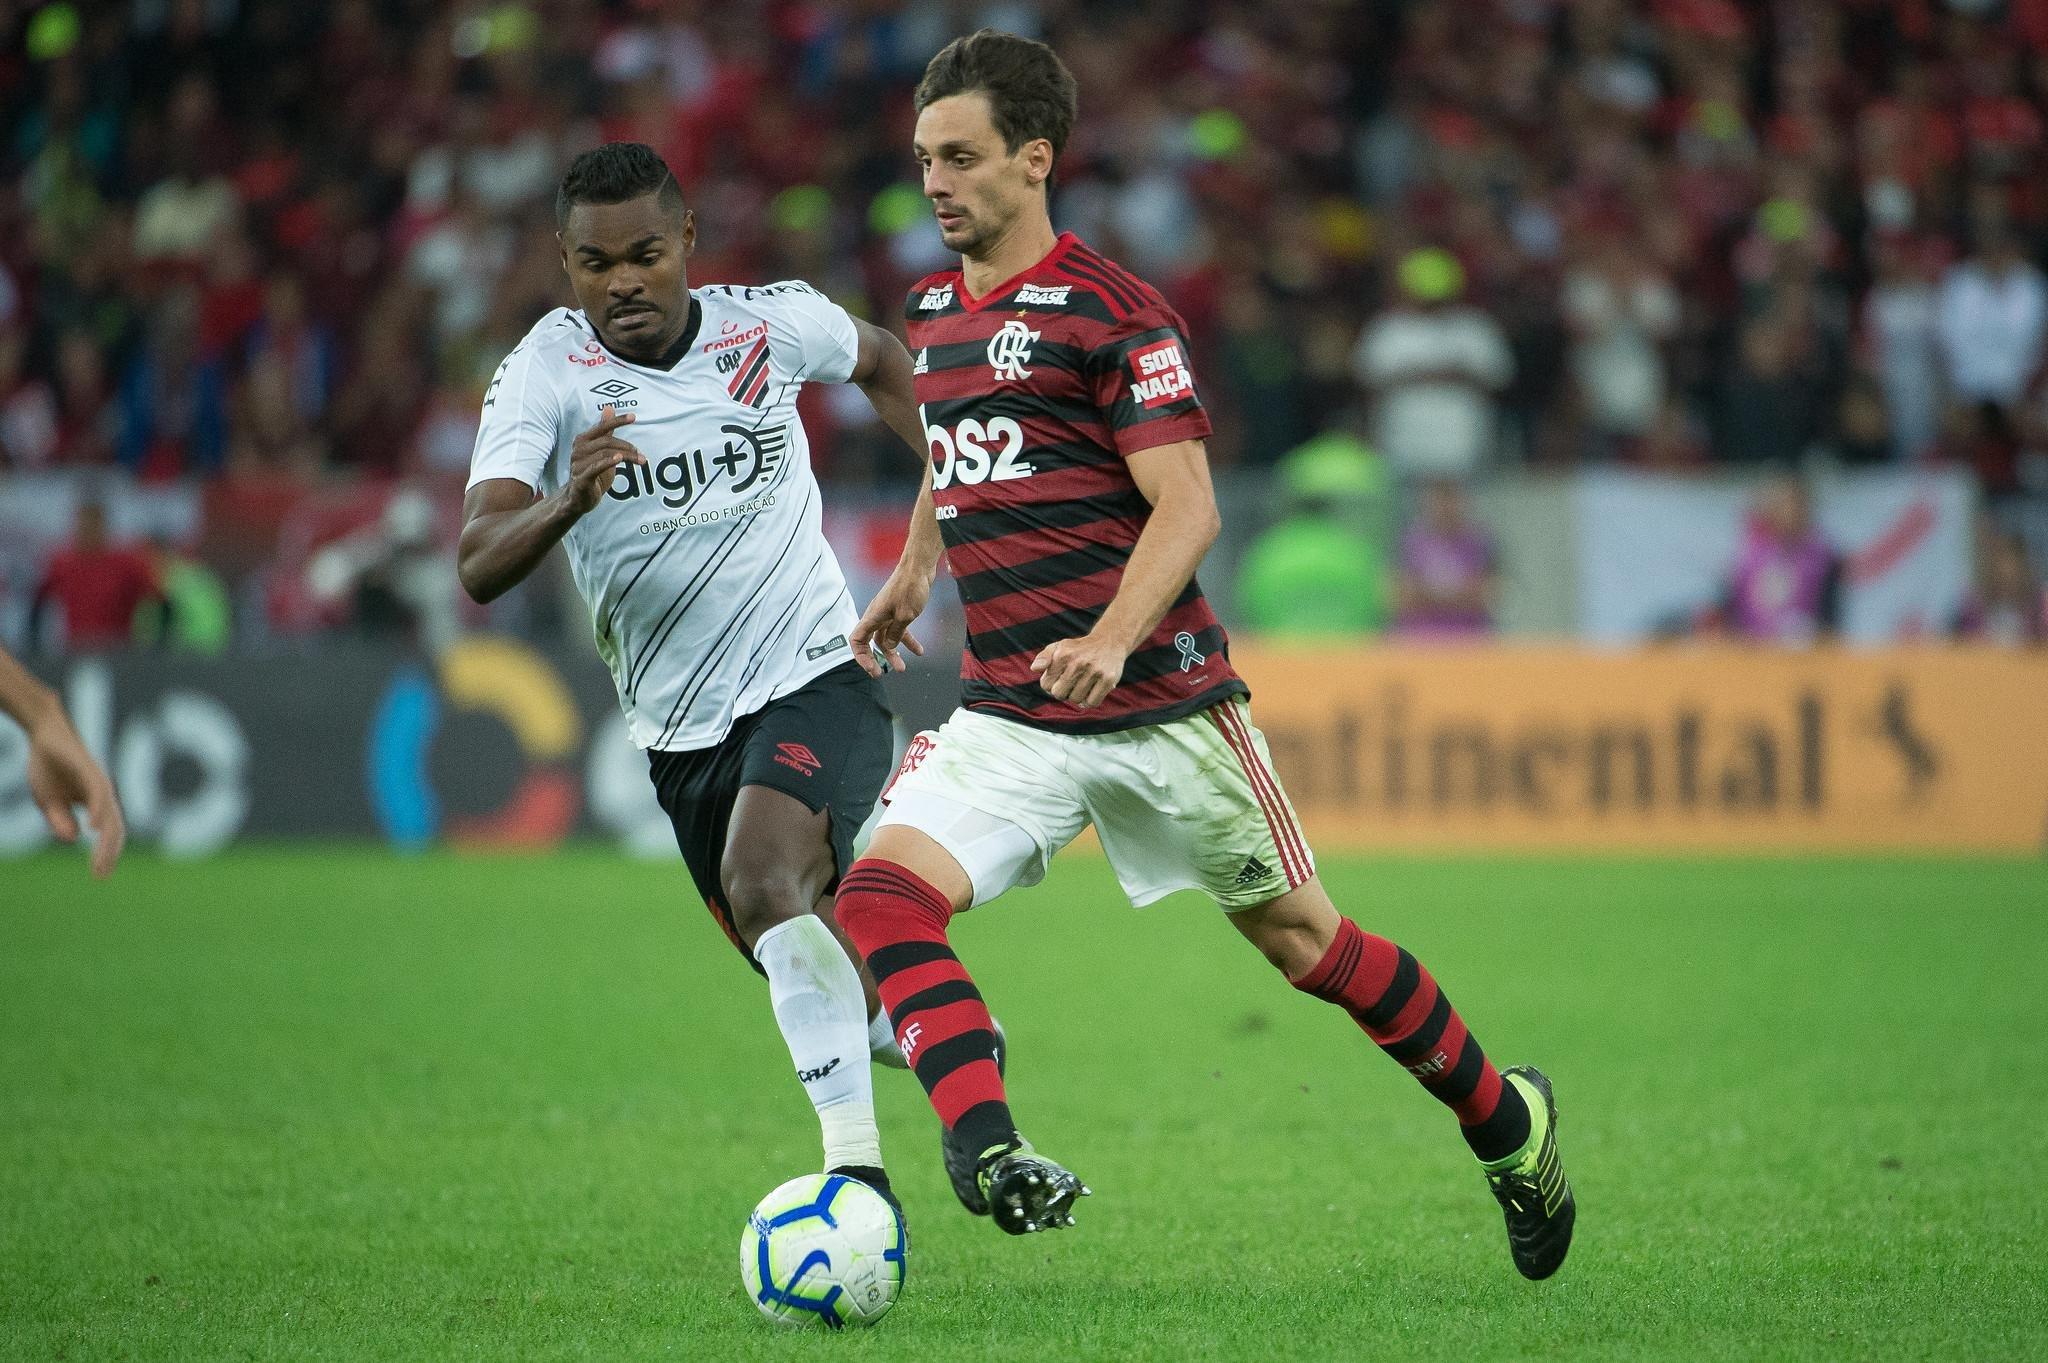 Athletico Paranaense empata, ganha nos pênaltis e elimina o Flamengo no Maracanã